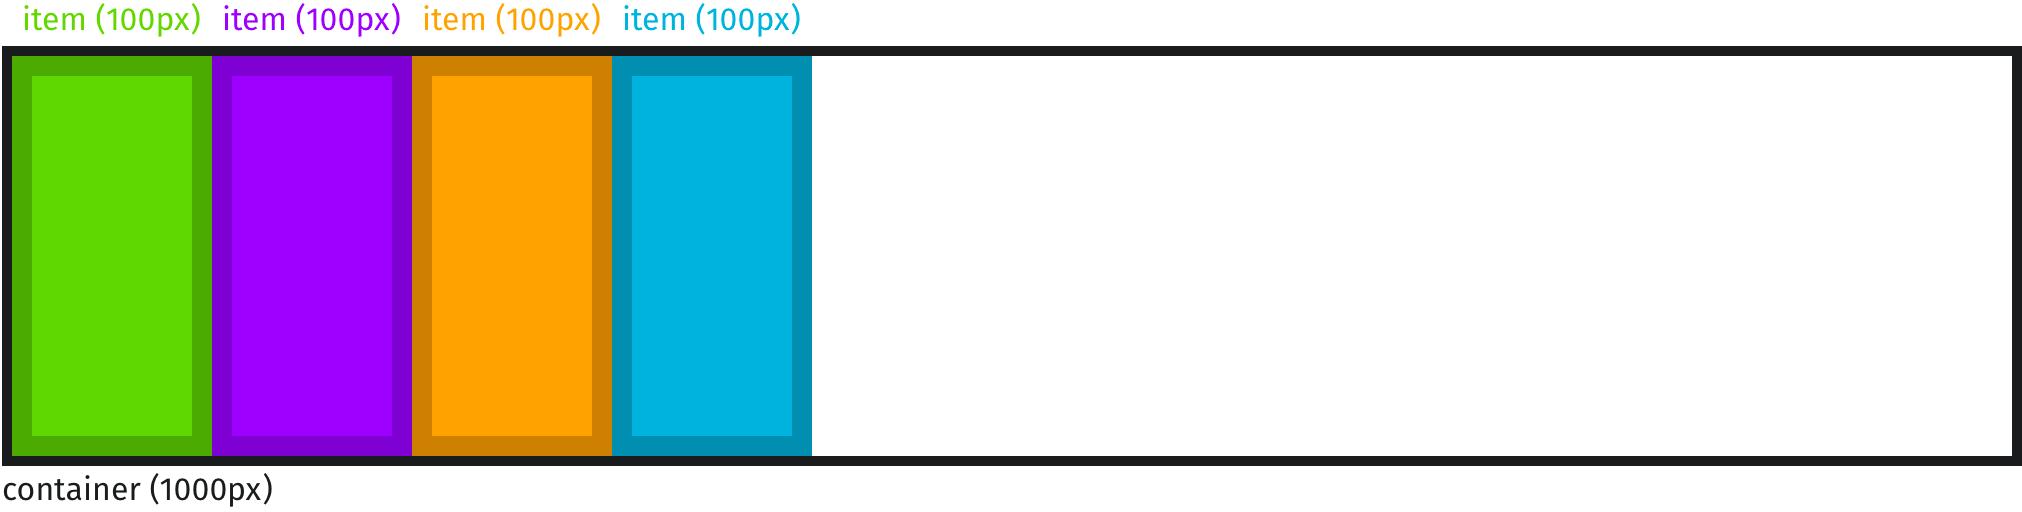 Расположение во flex контейнере flex элементов с установленным свойством max-width